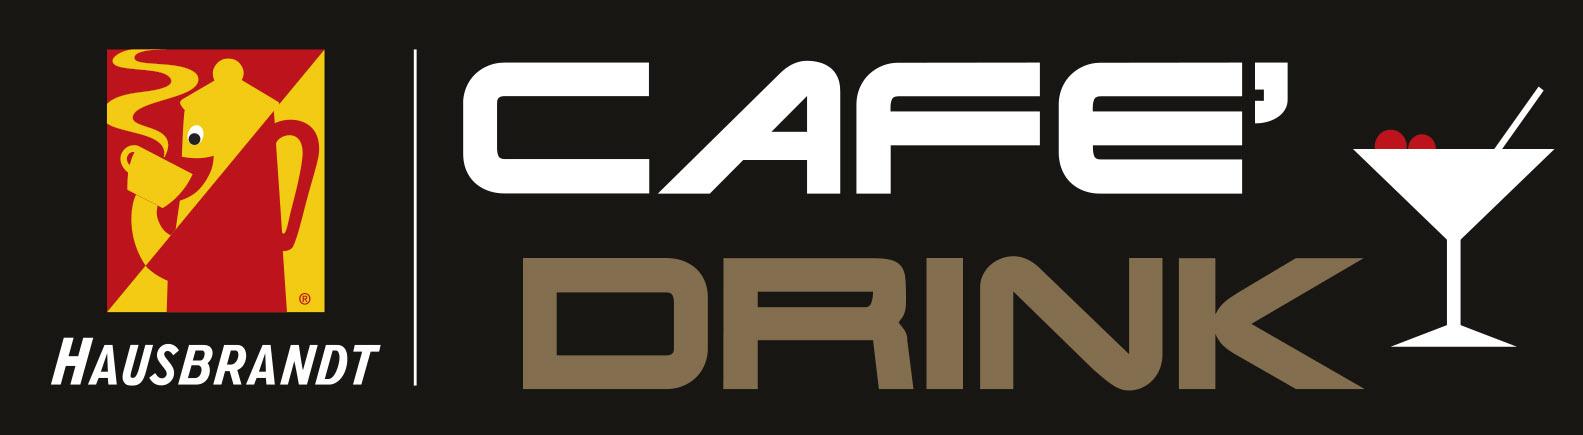 mood cafe drink